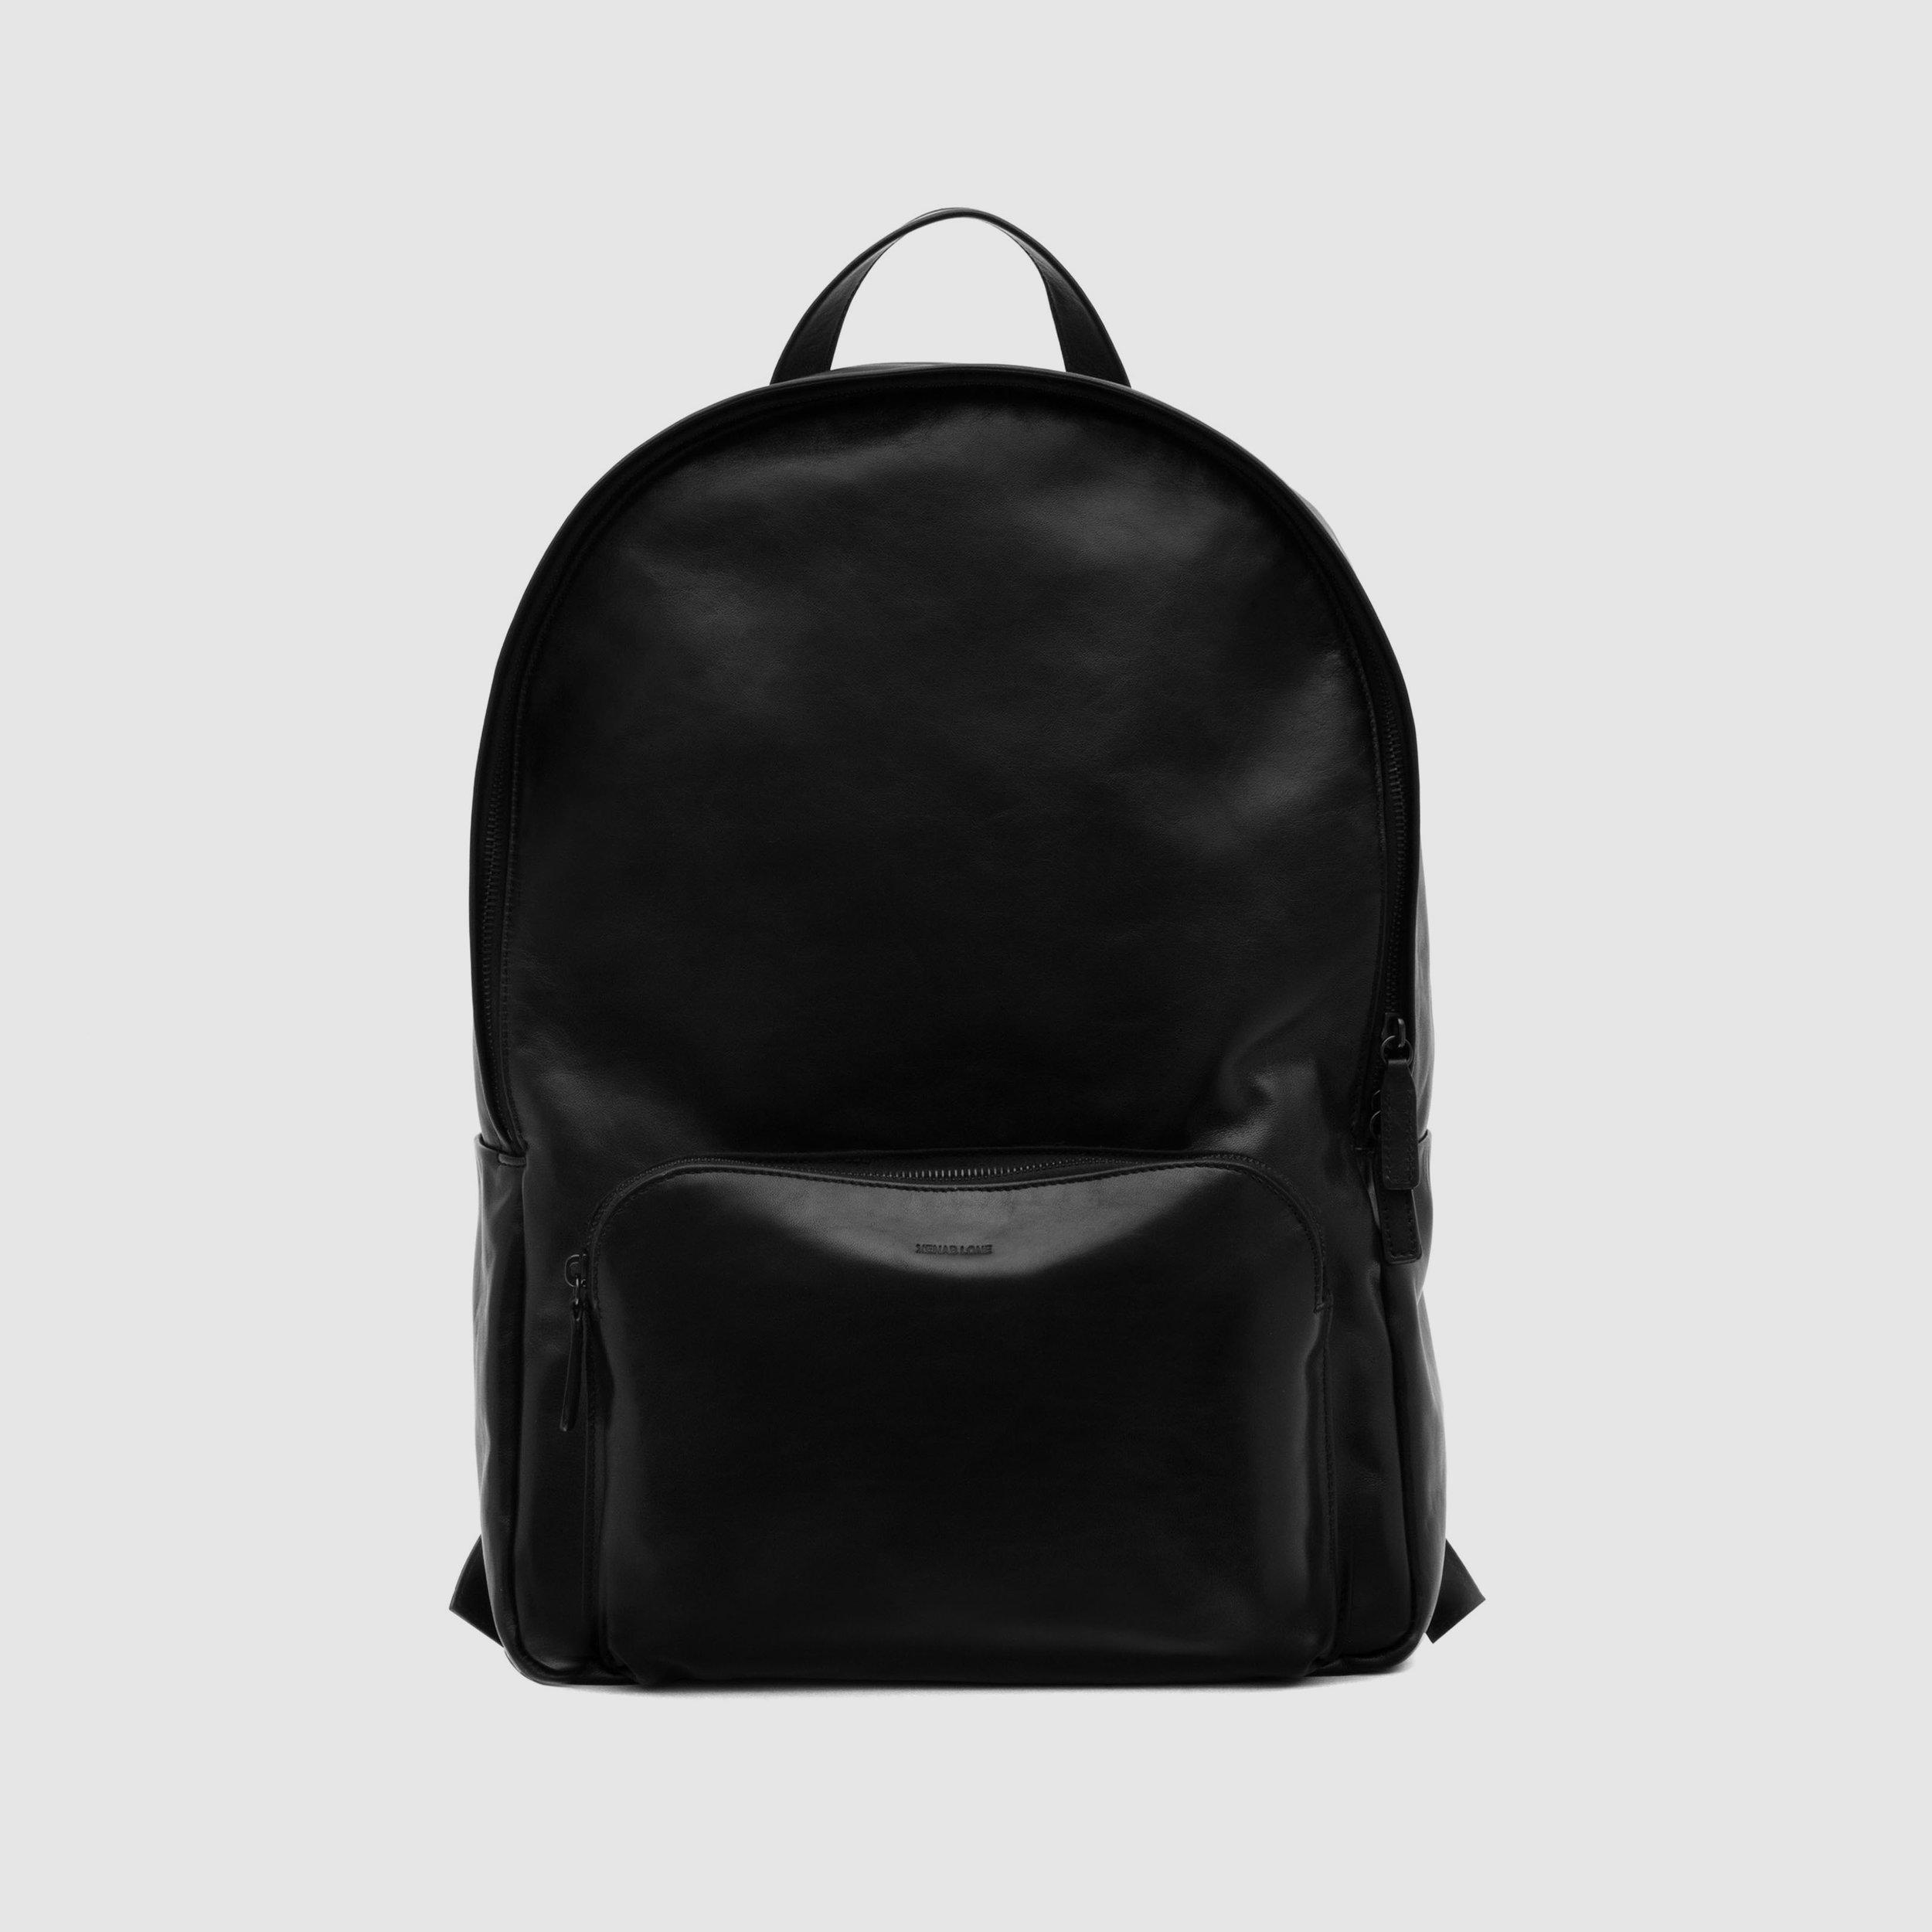 2016_0006_Backpack bl.jpg